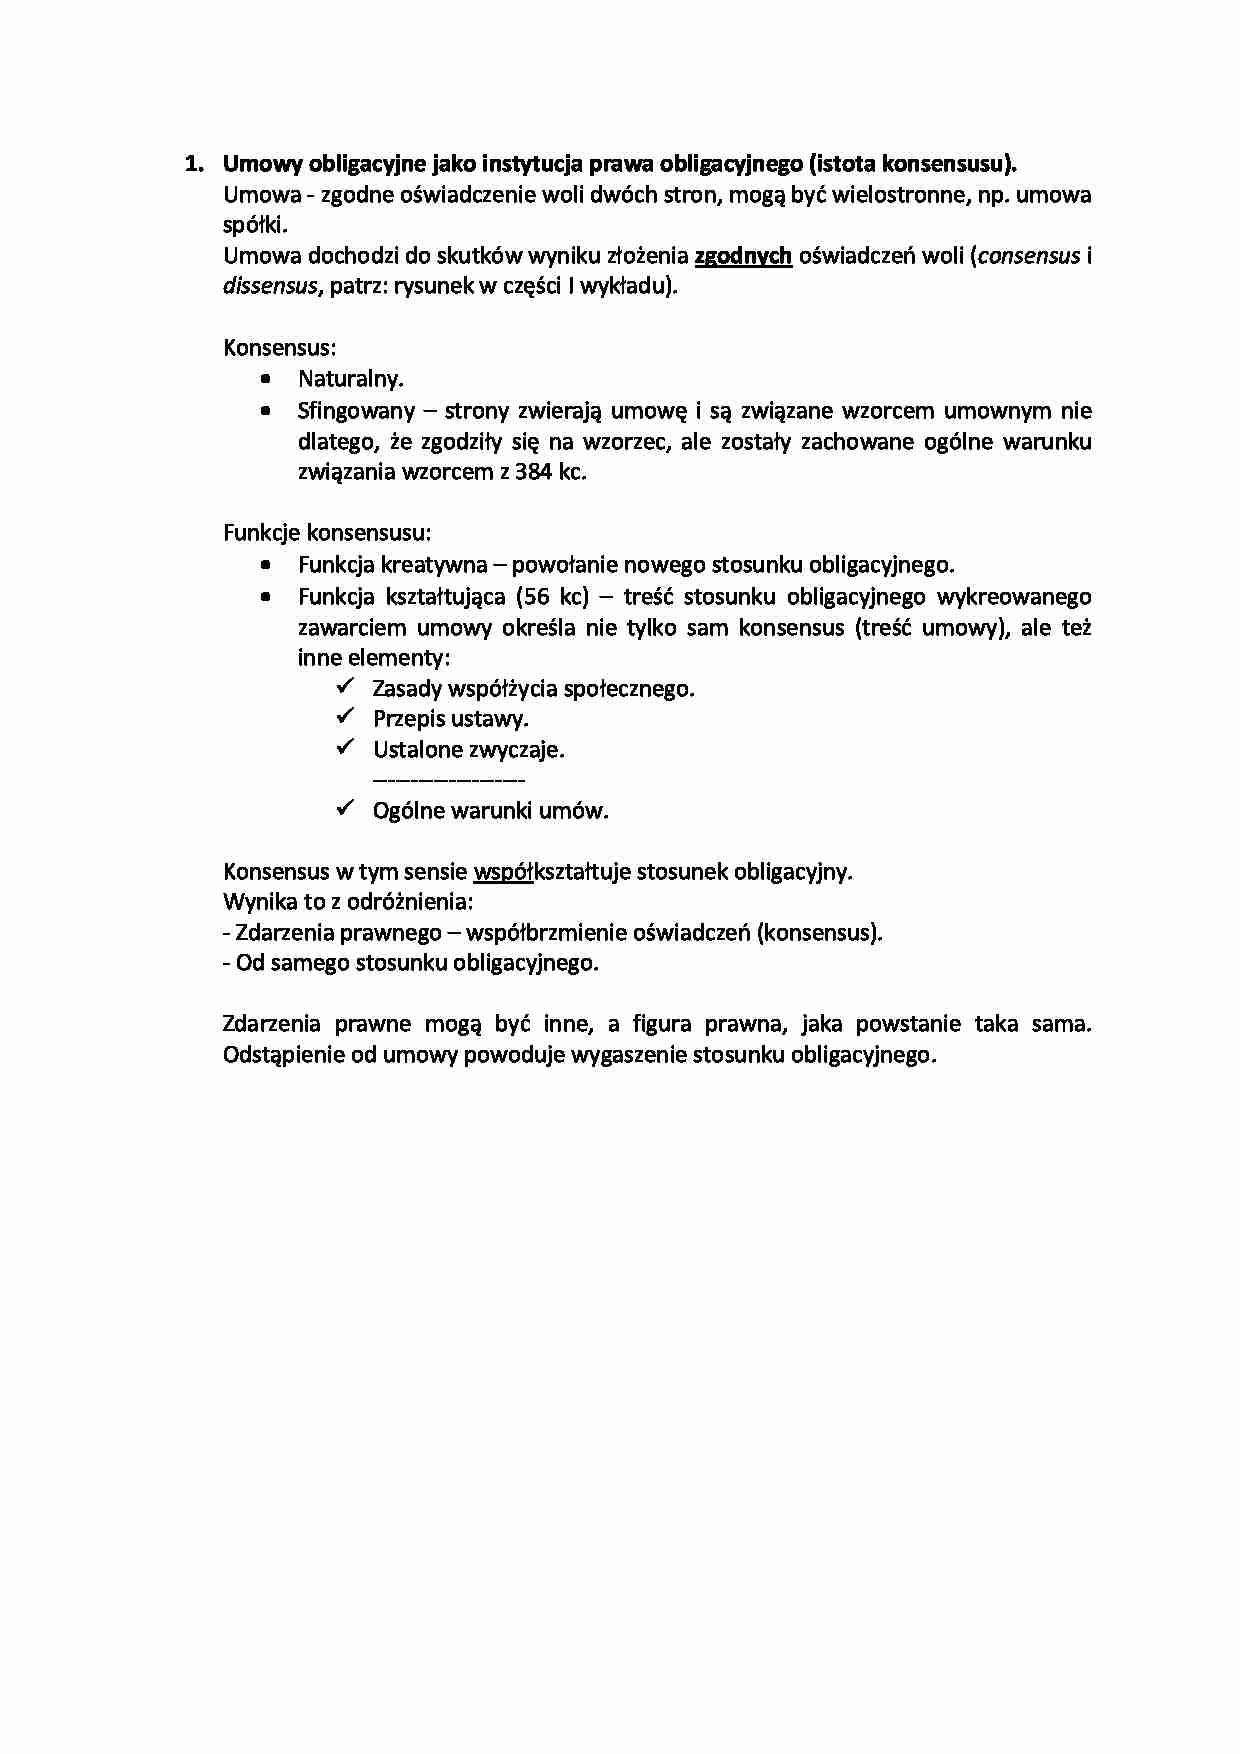 169196b01e3014 Umowy obligacyjne jako instytucja prawa obligacyjnego (istota ...